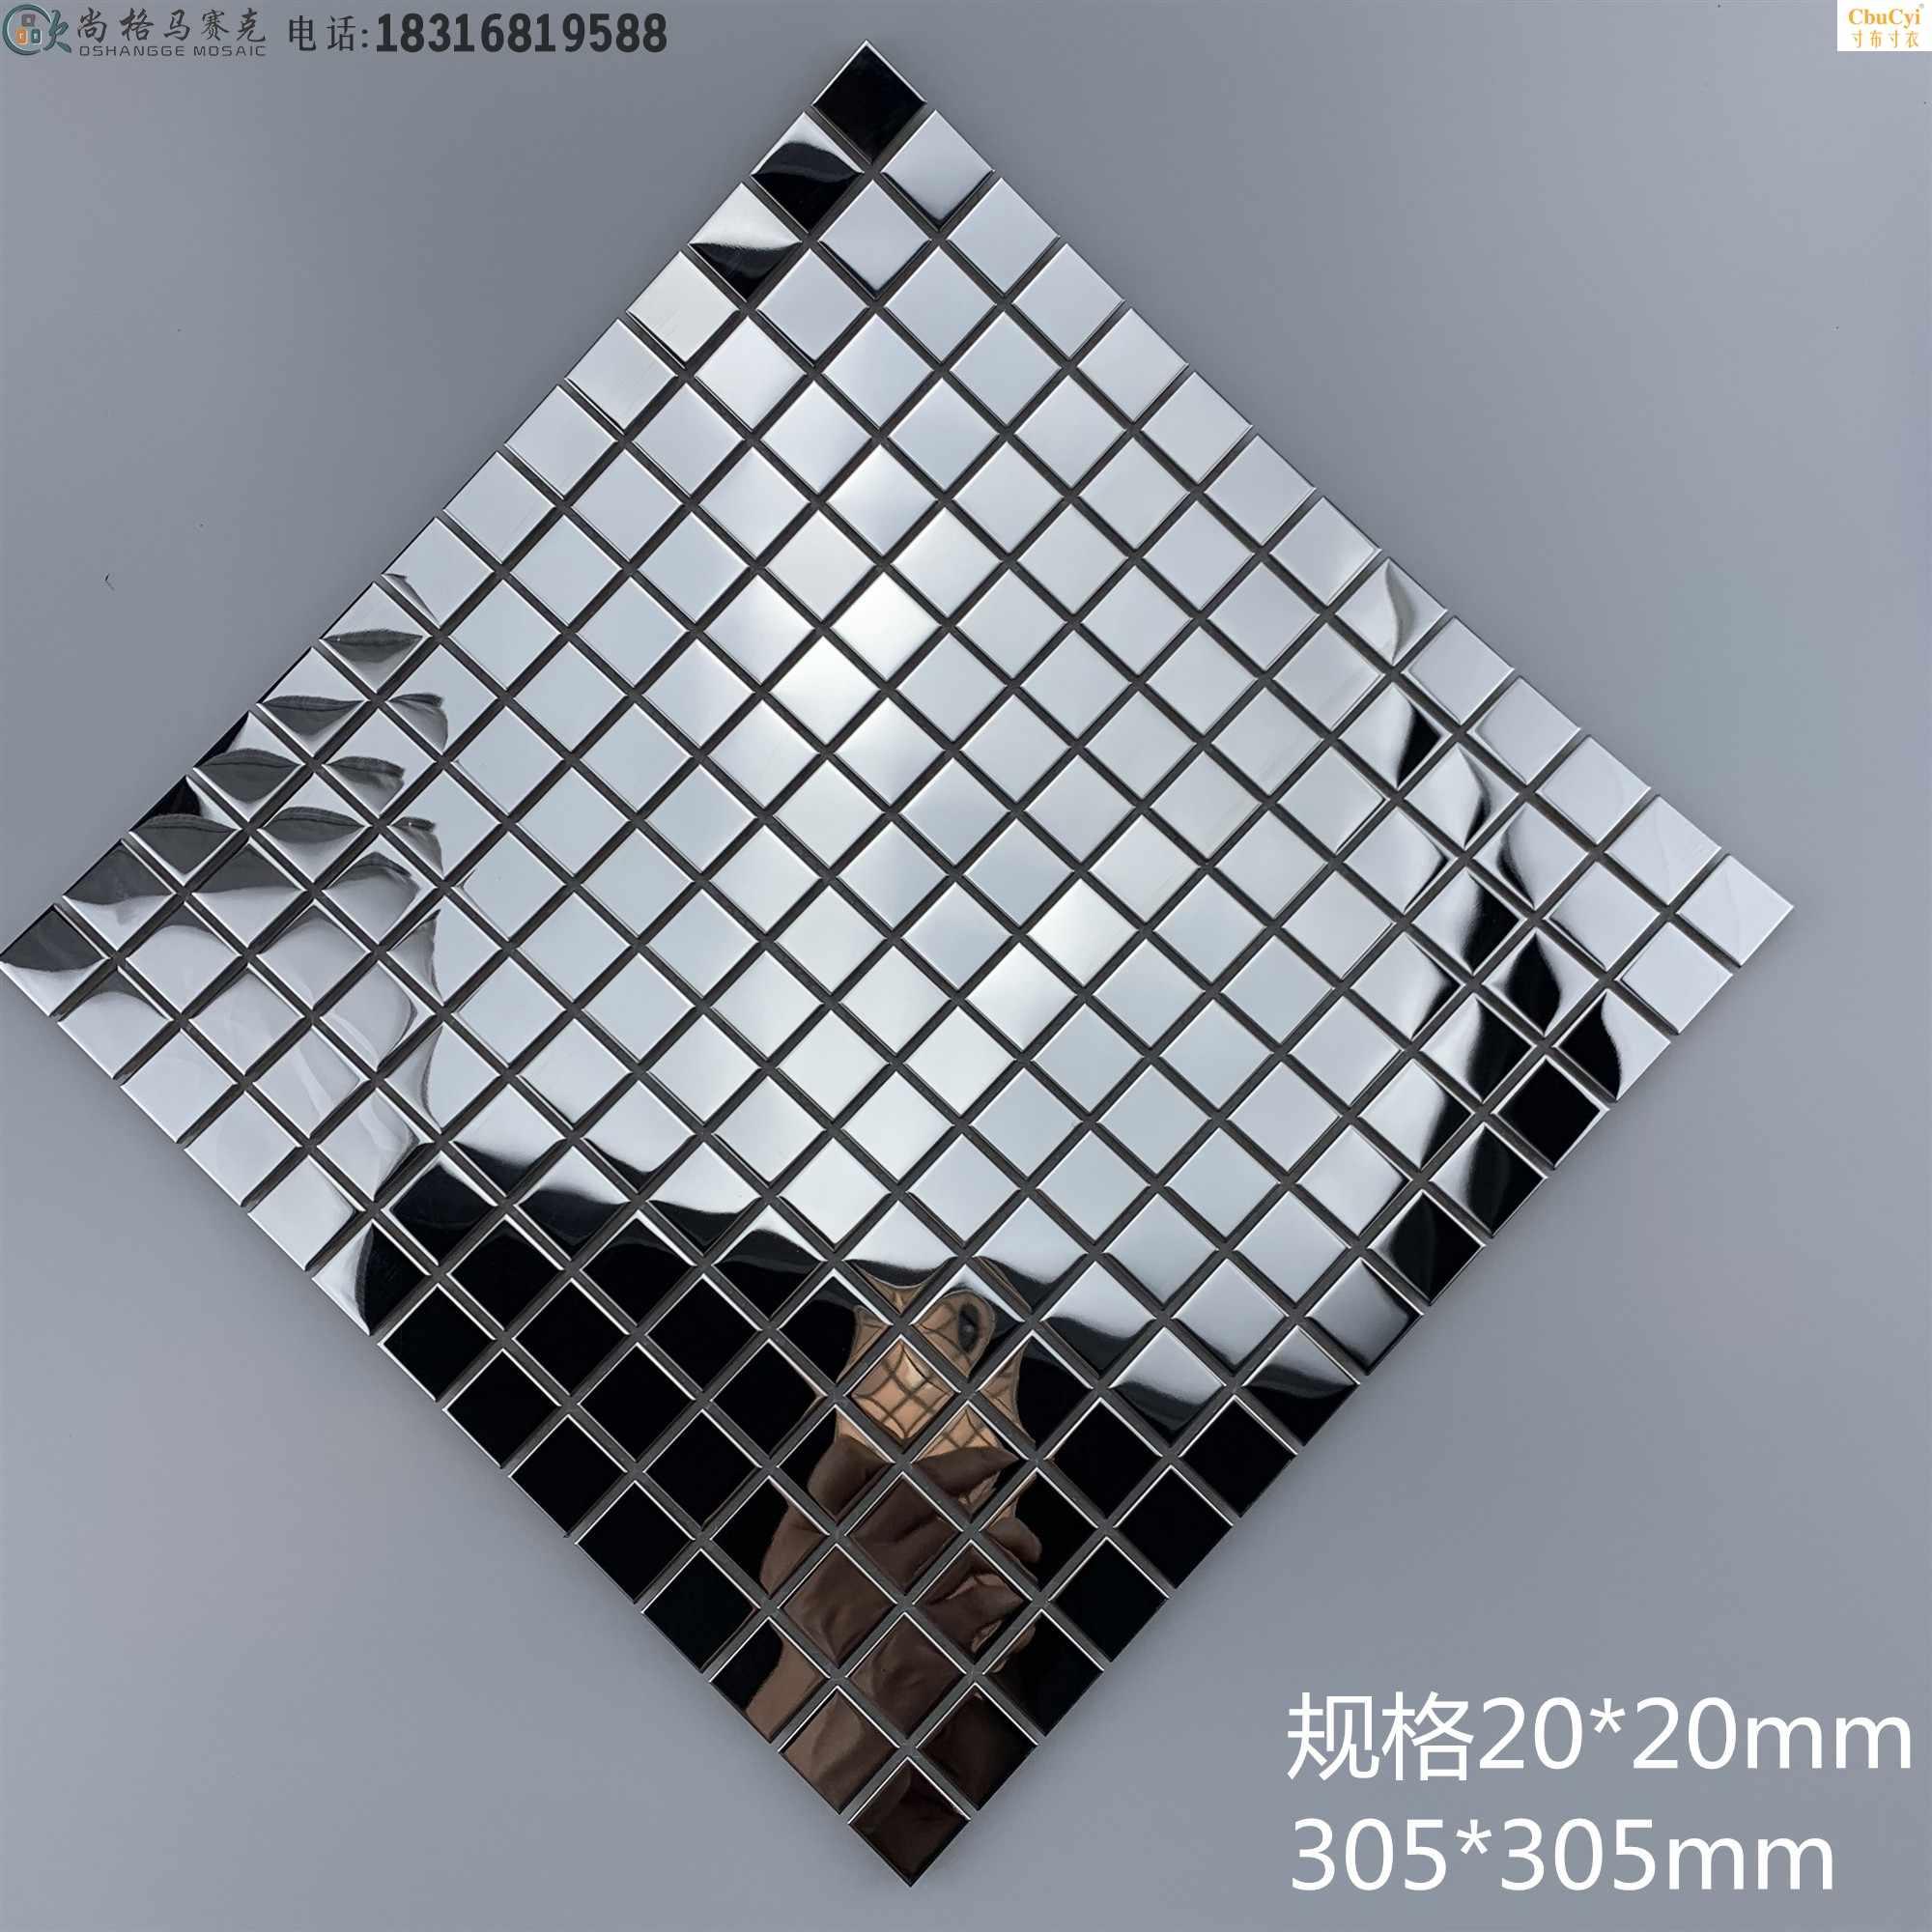 不锈钢金属镜面马赛克瓷砖恒大工程正方形电视背景墙墙贴10-29新券